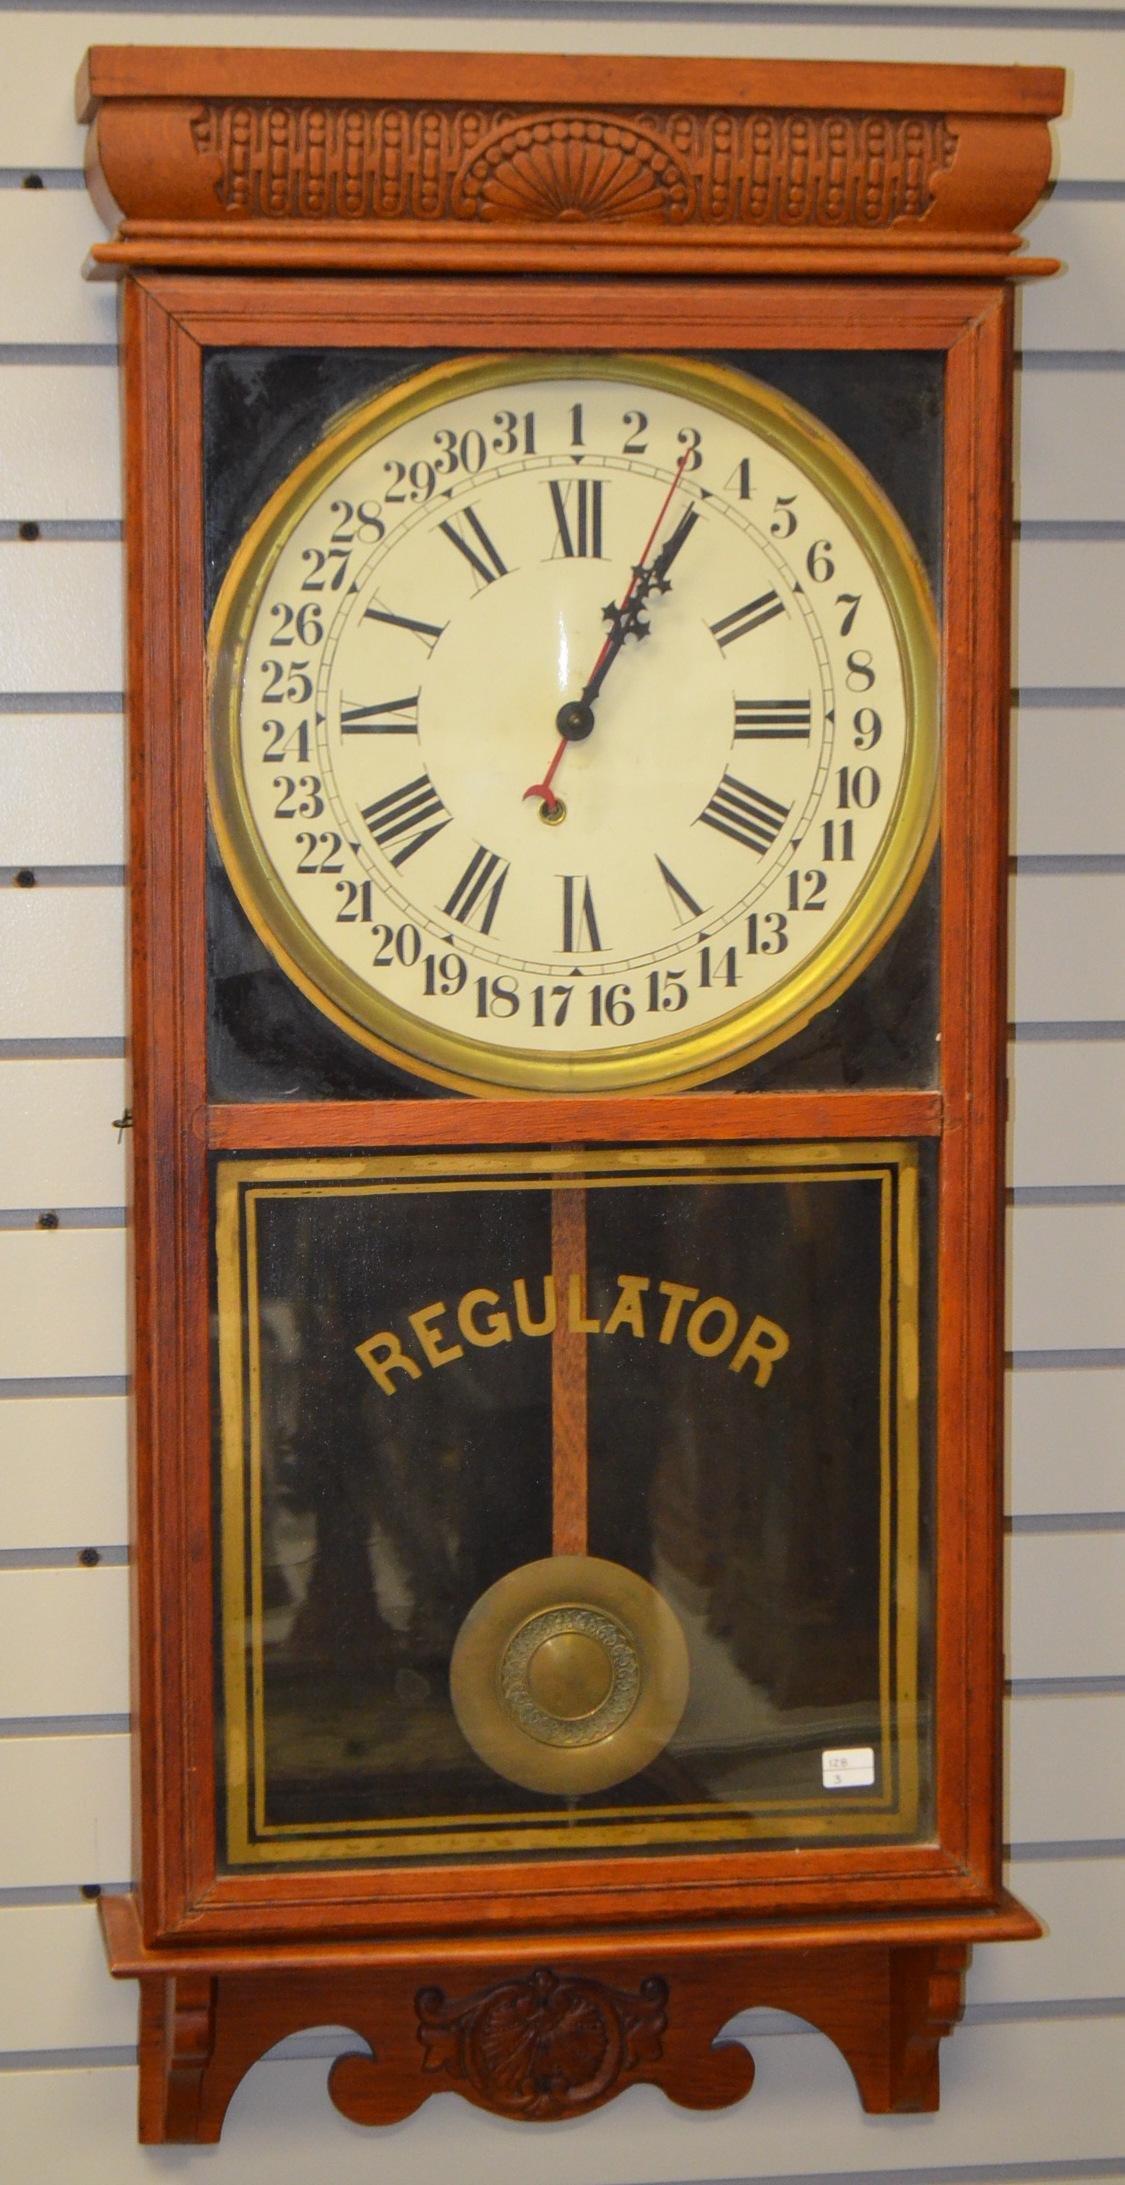 Antique Calendar Store Regulator Wall Clock